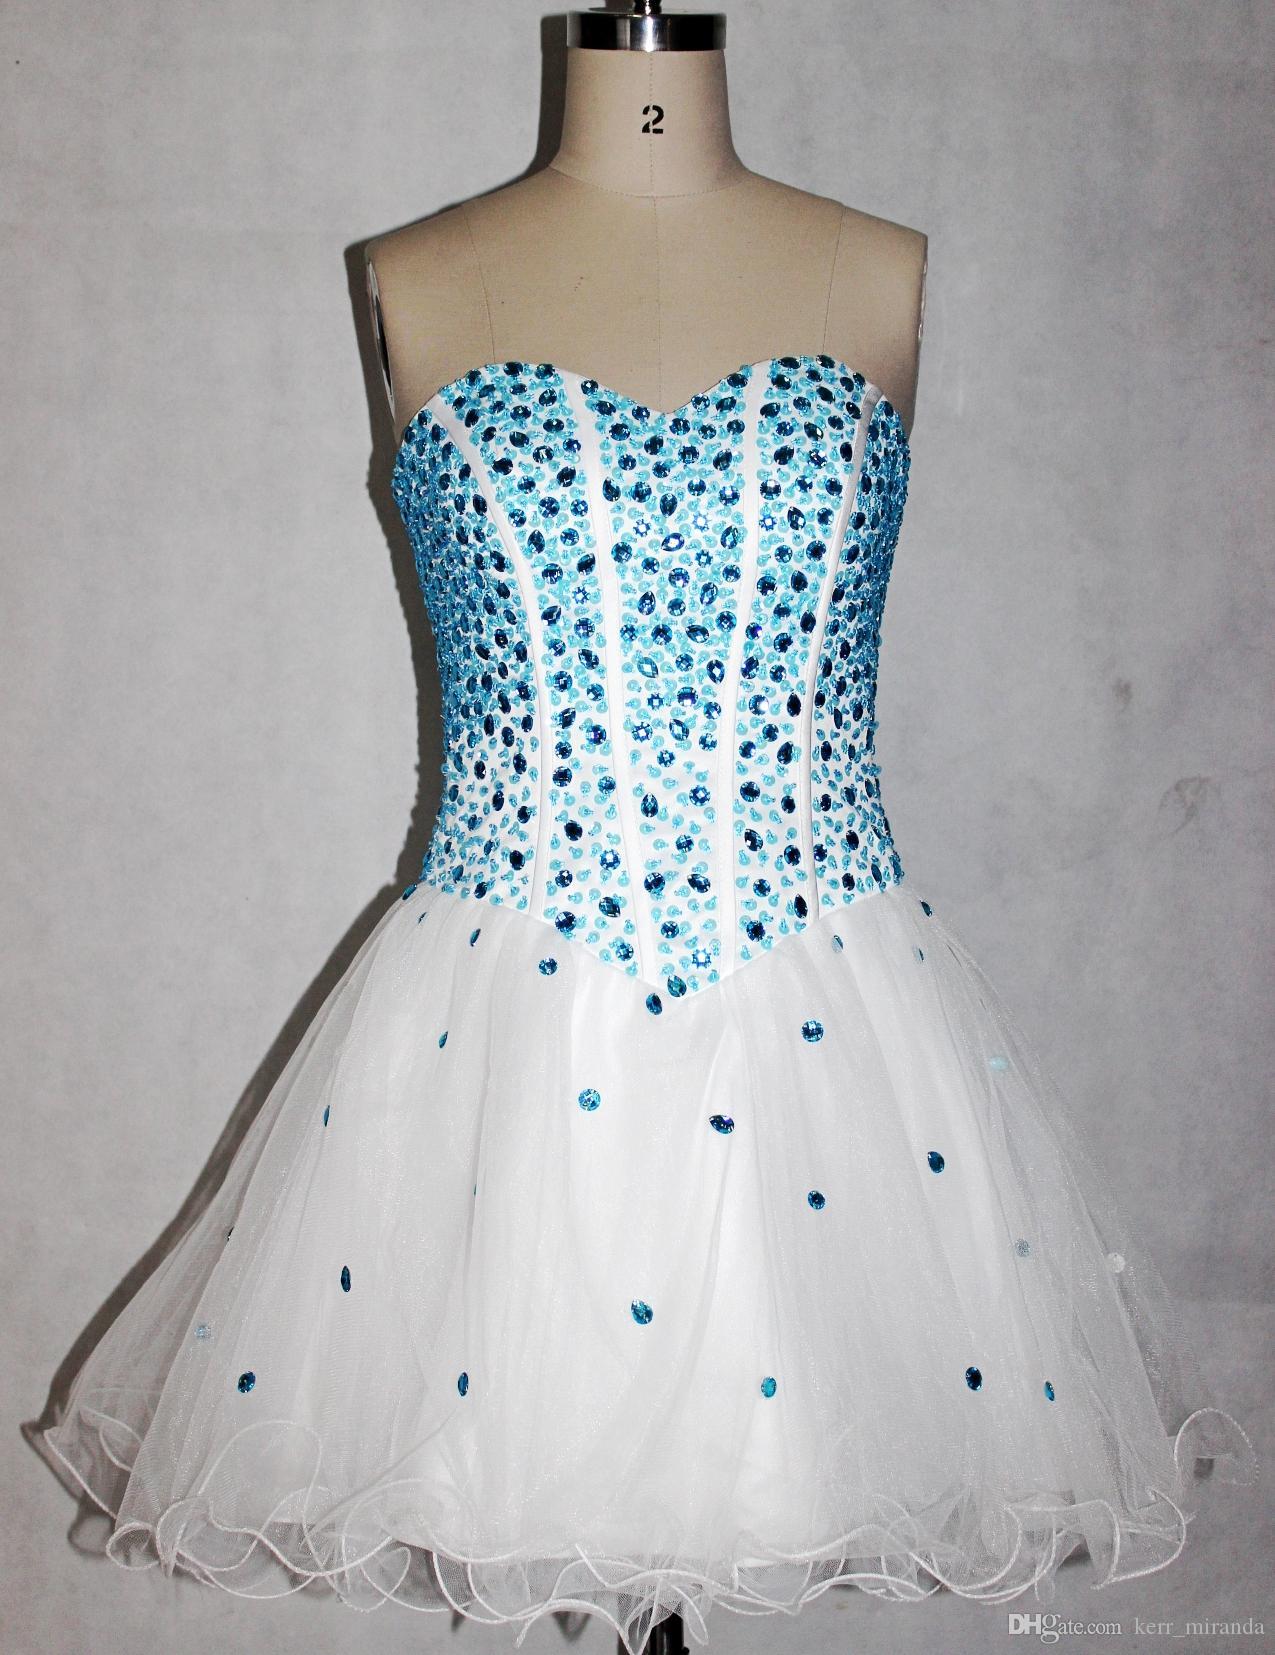 Prawdziwe zdjęcia Sukienki do domu Backless Krótkie Party Prom Suknie Sheer A-Line White Zroszony Koktajl Suknie DH1194